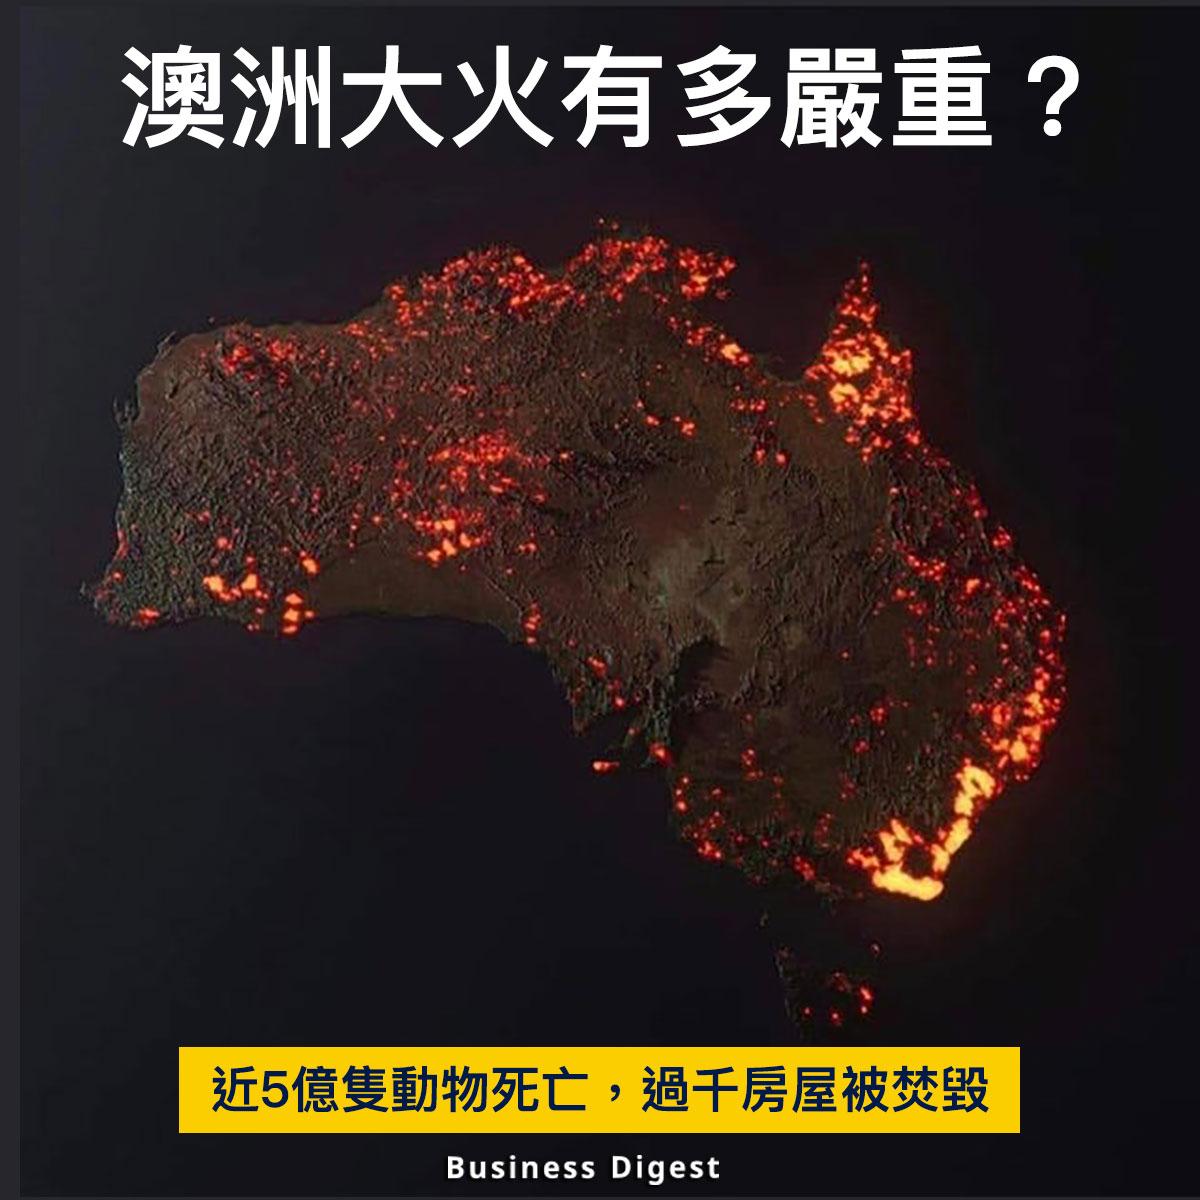 【商業熱話】澳洲大火有多嚴重?近5億隻動物死亡,過千房屋被焚毀